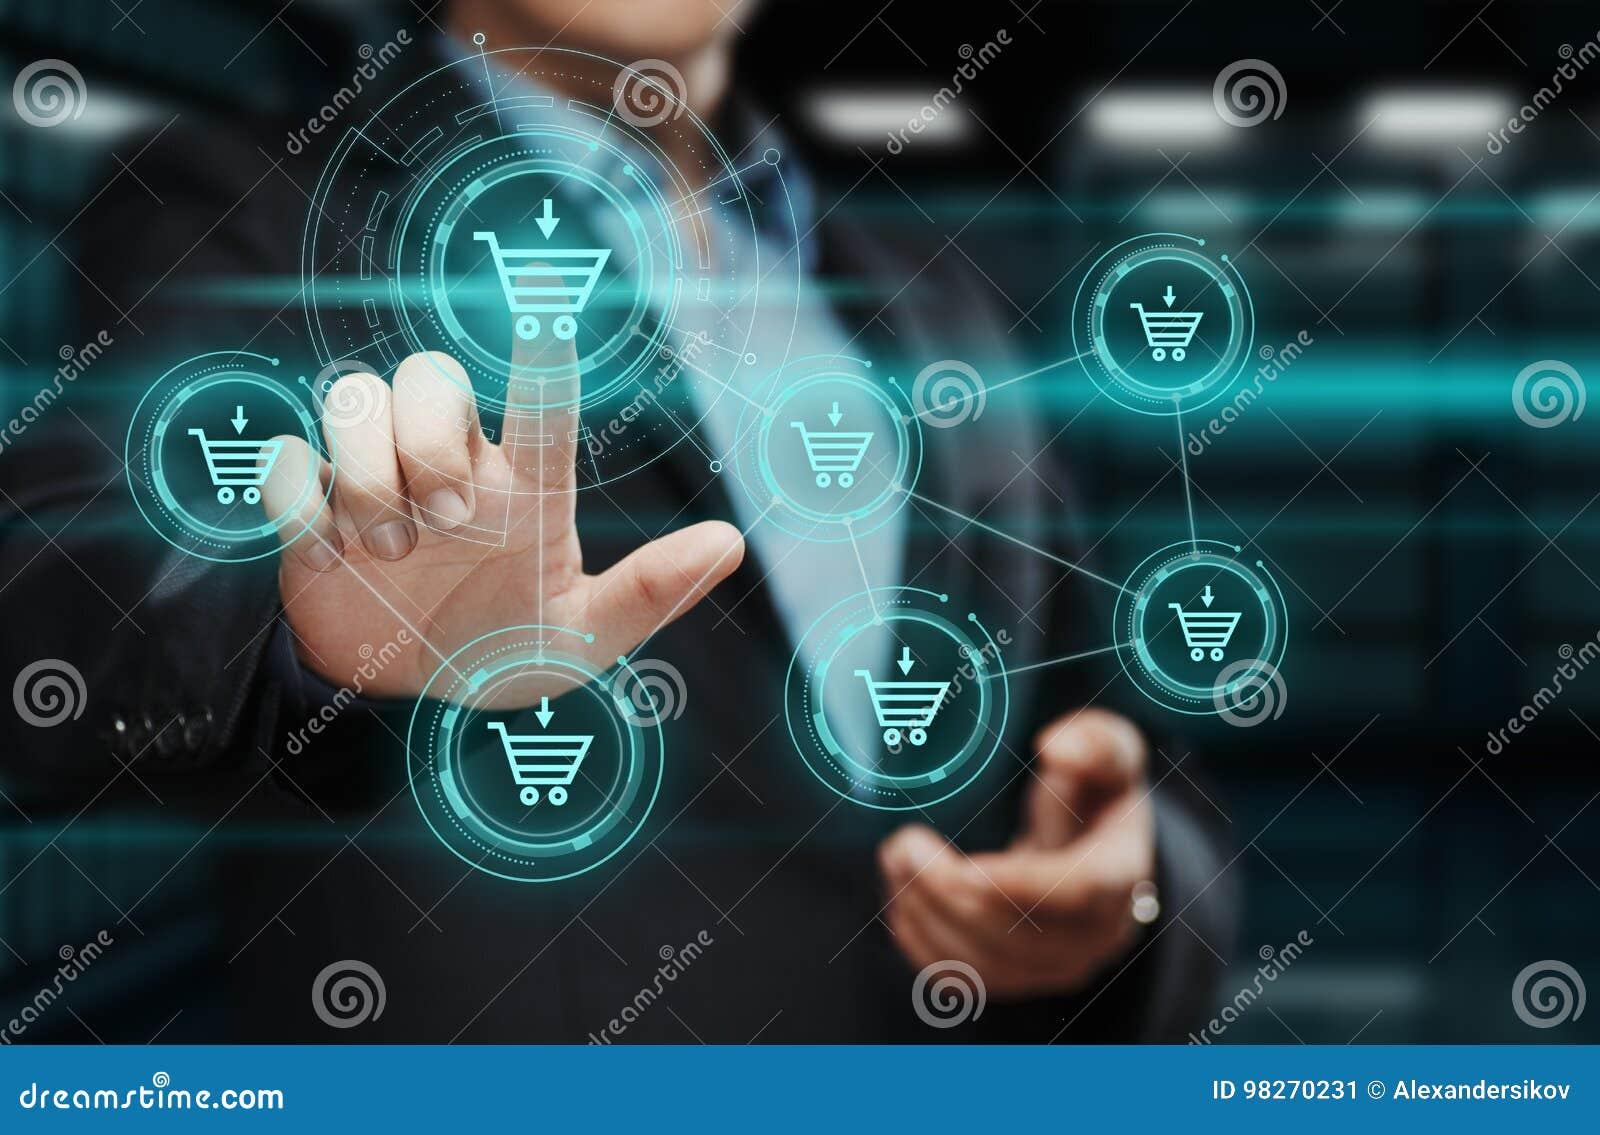 增加到推车互联网网商店购买网上电子商务概念